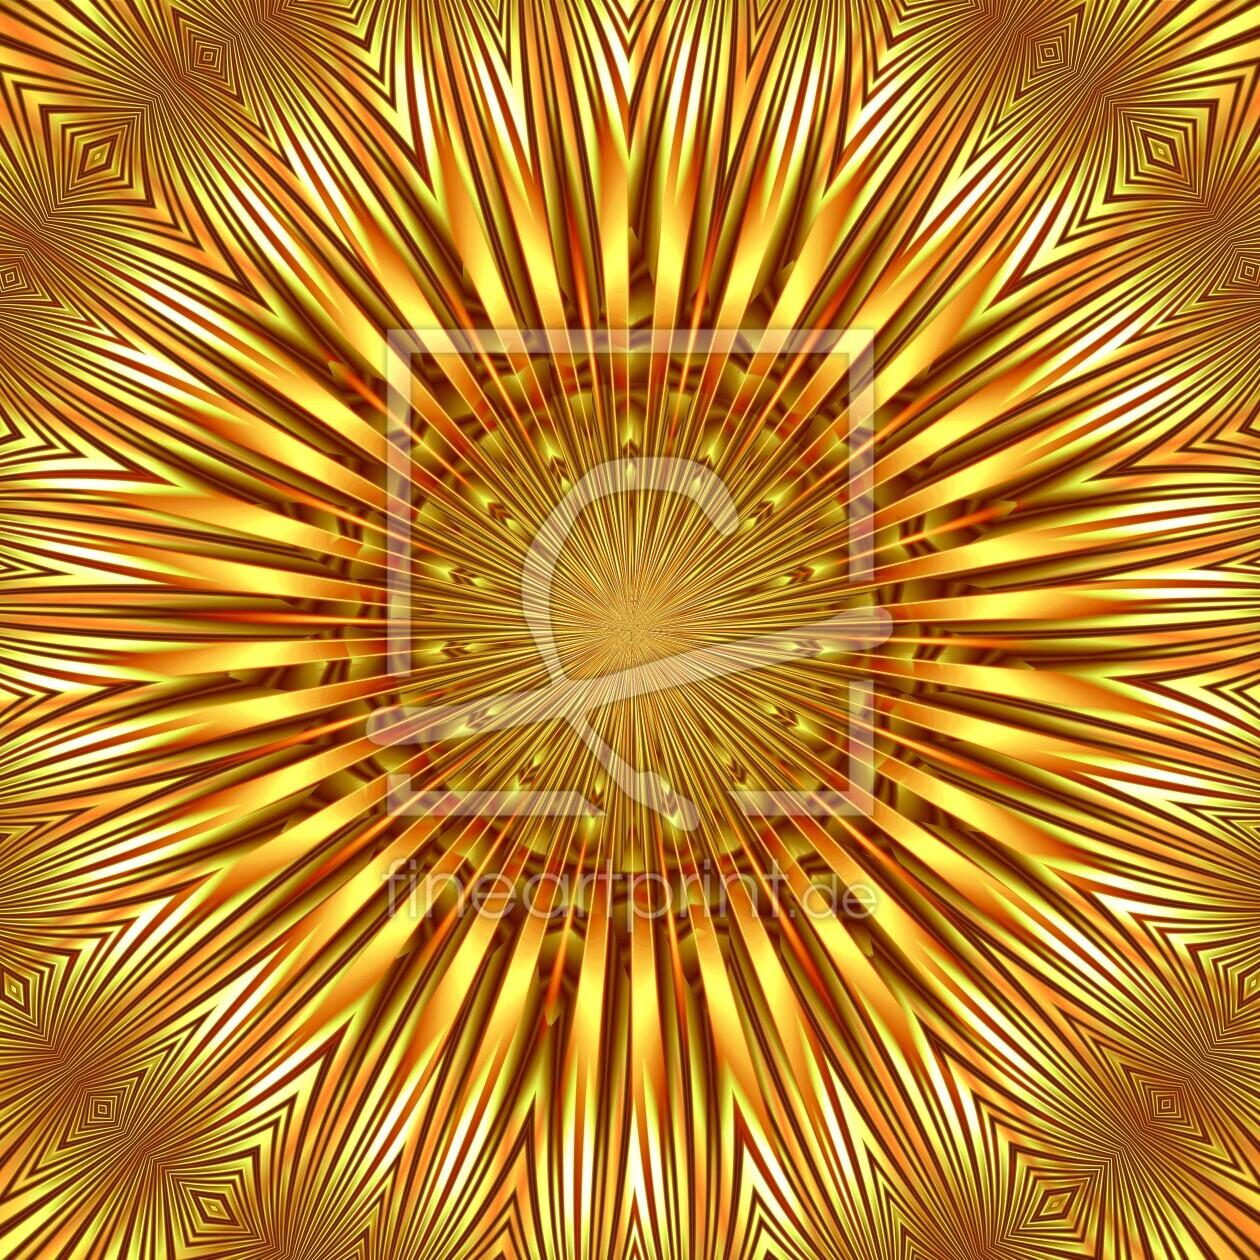 Mandala Grünes Licht als Fensterfolie von Atteloi erhältli